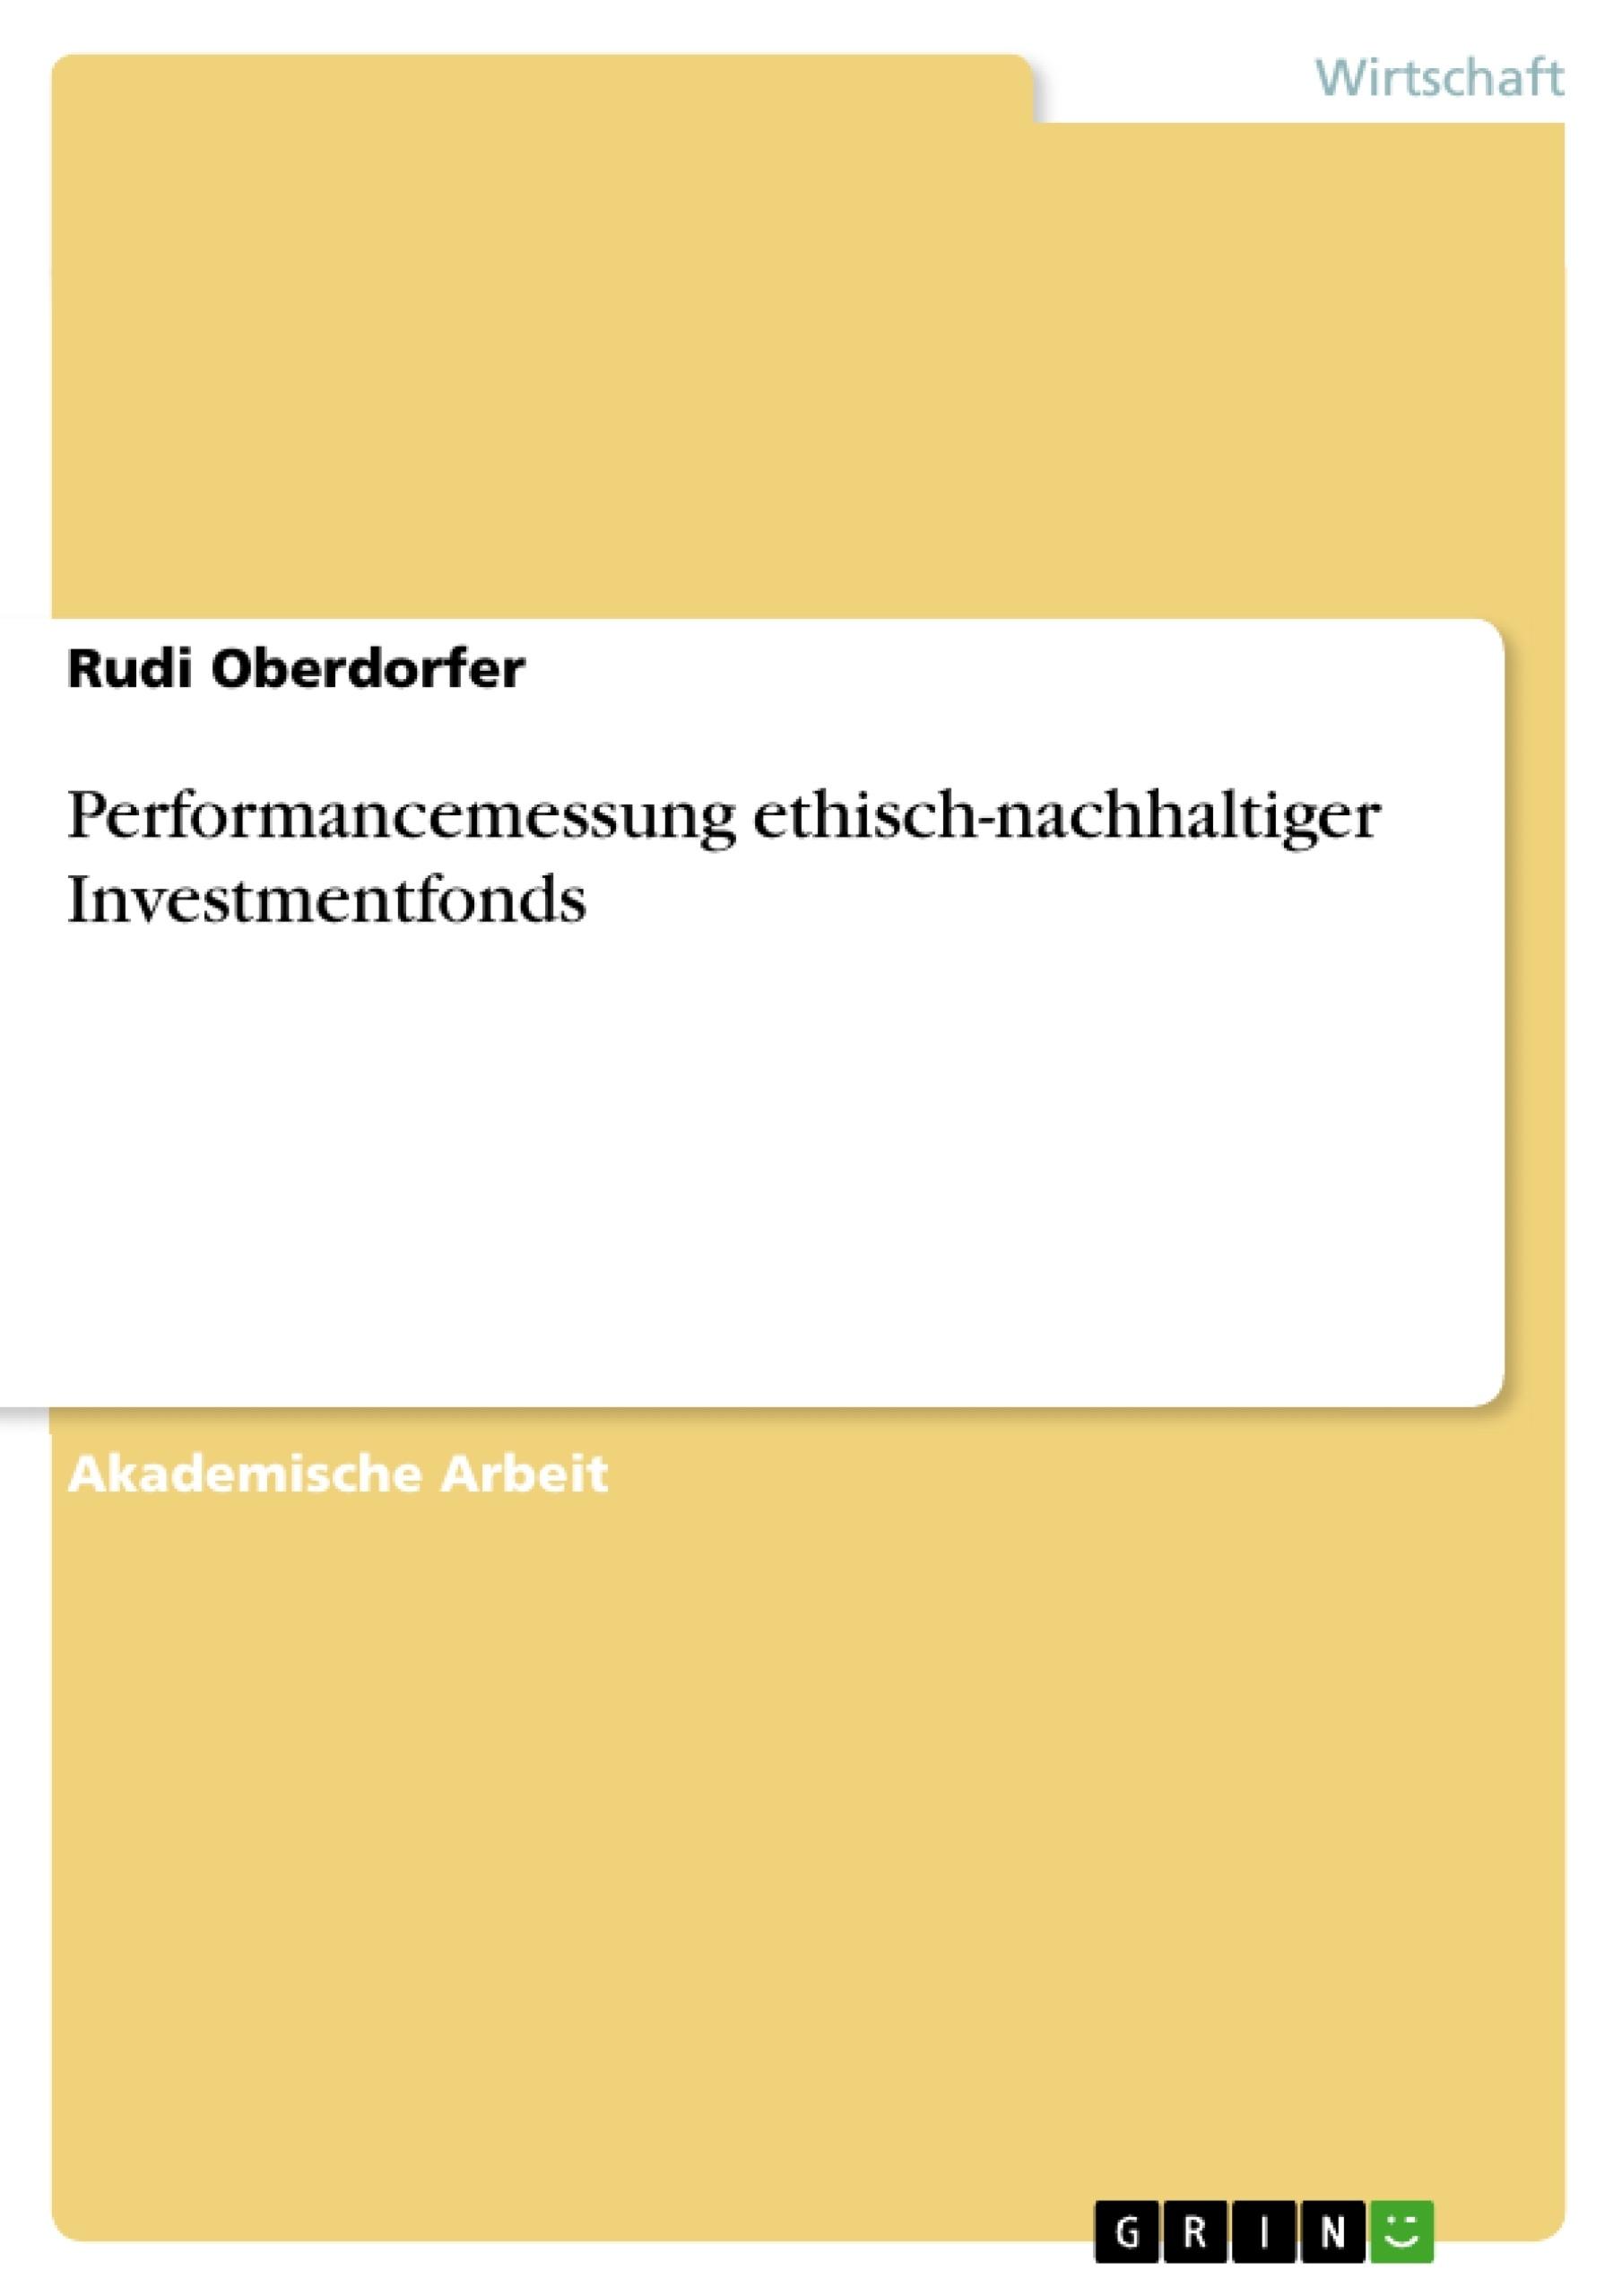 Titel: Performancemessung ethisch-nachhaltiger Investmentfonds